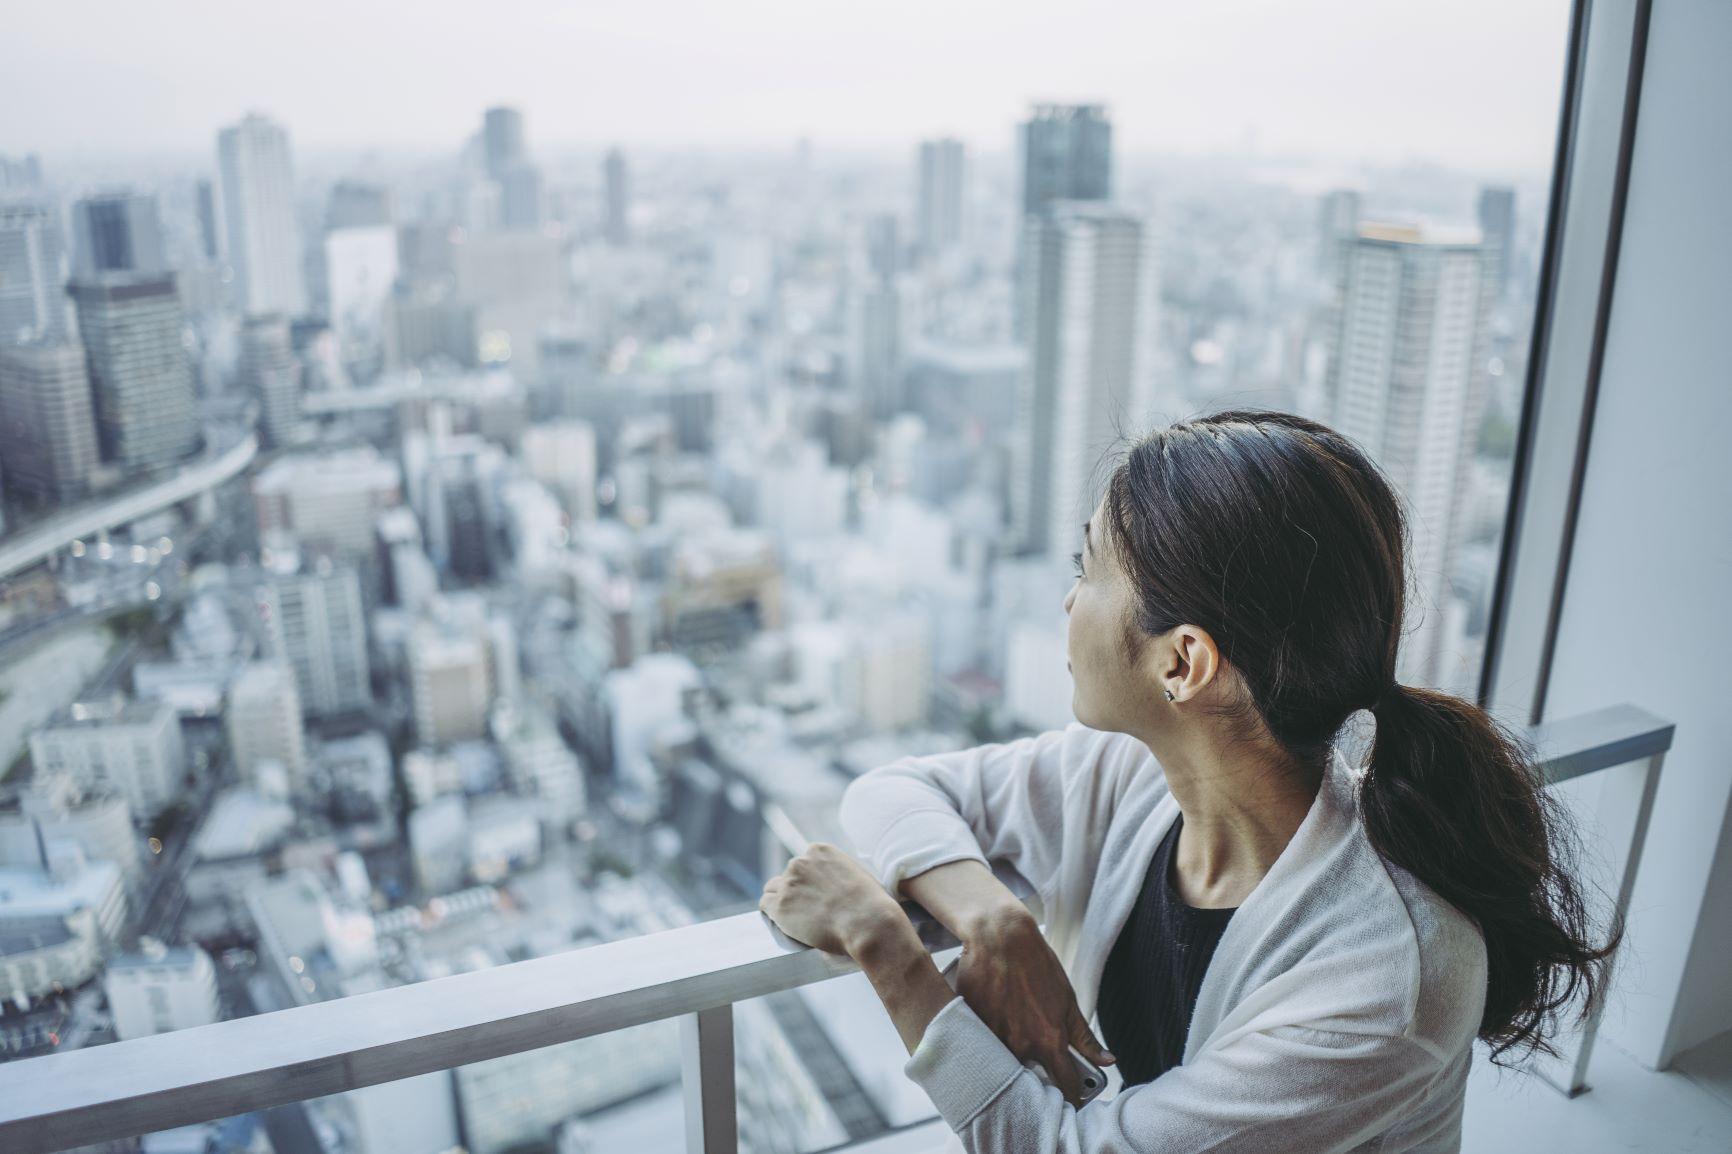 Hausbauer-Boom in den USA: Die neue Home-Office-Kultur beflügelt